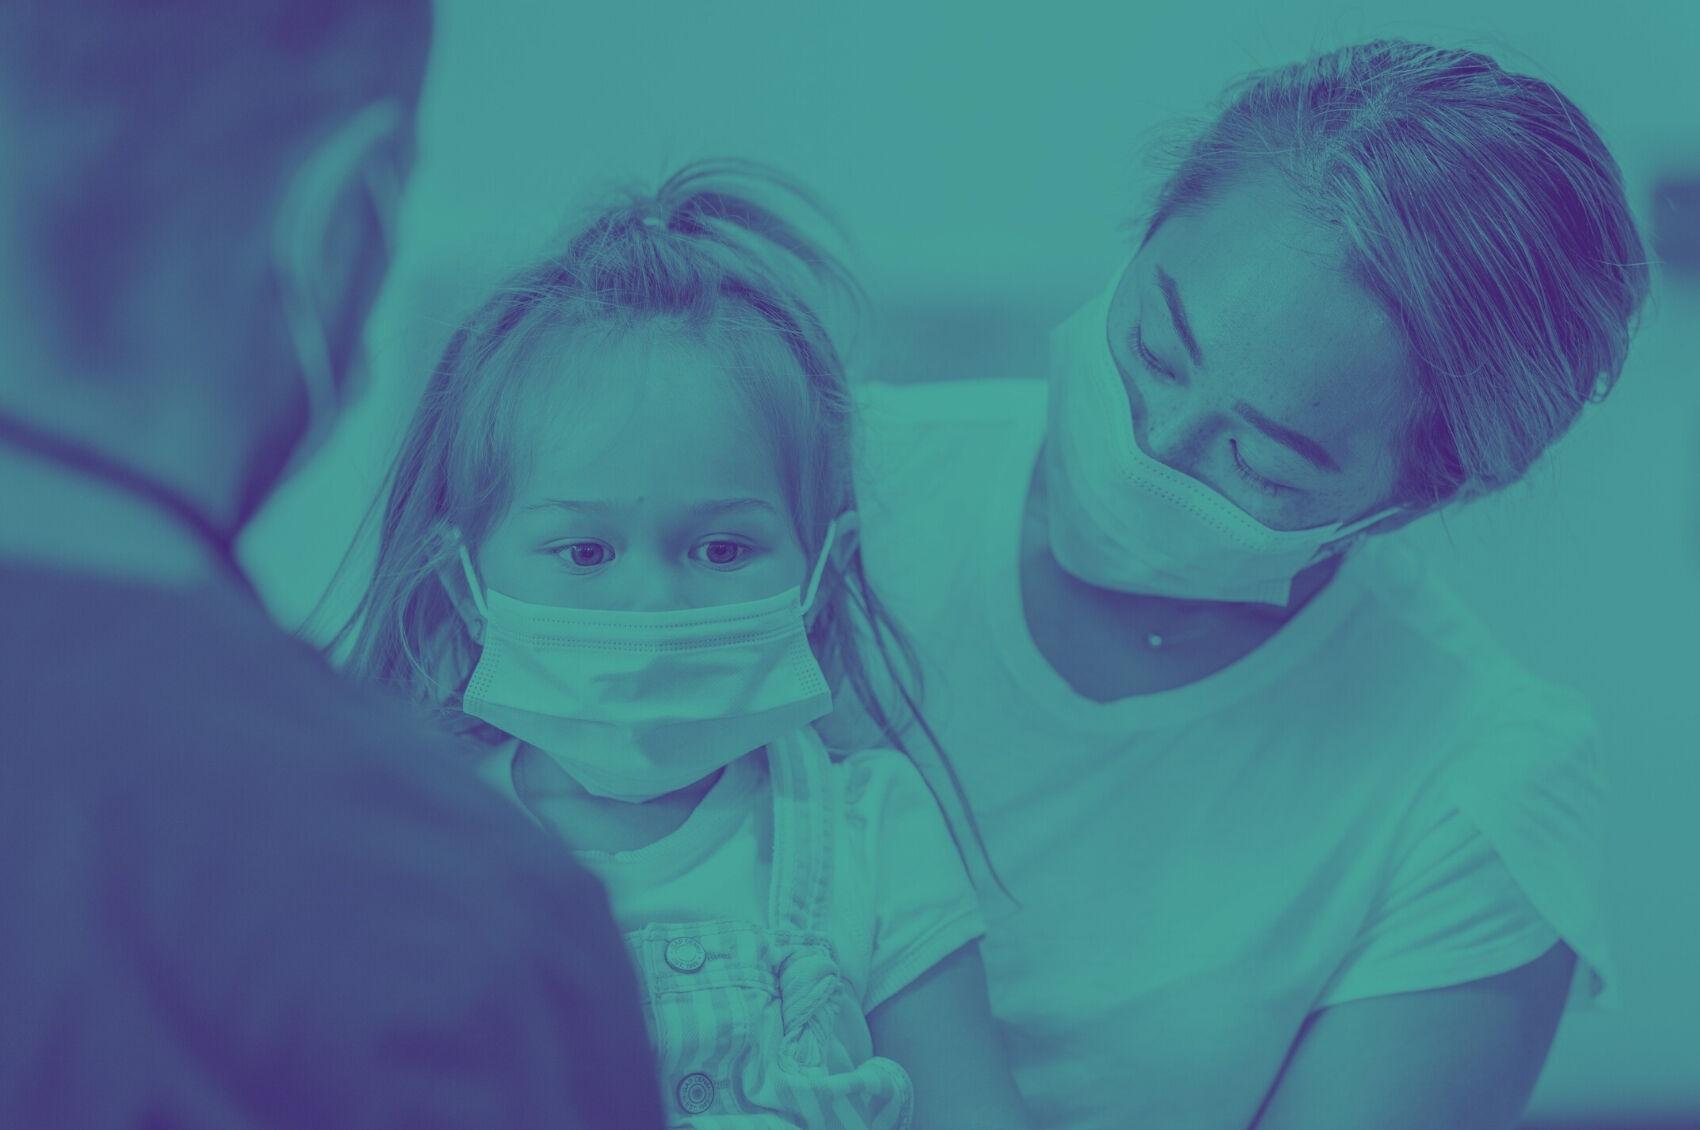 Criança-com-máscara-se-consultando-com-pediatra